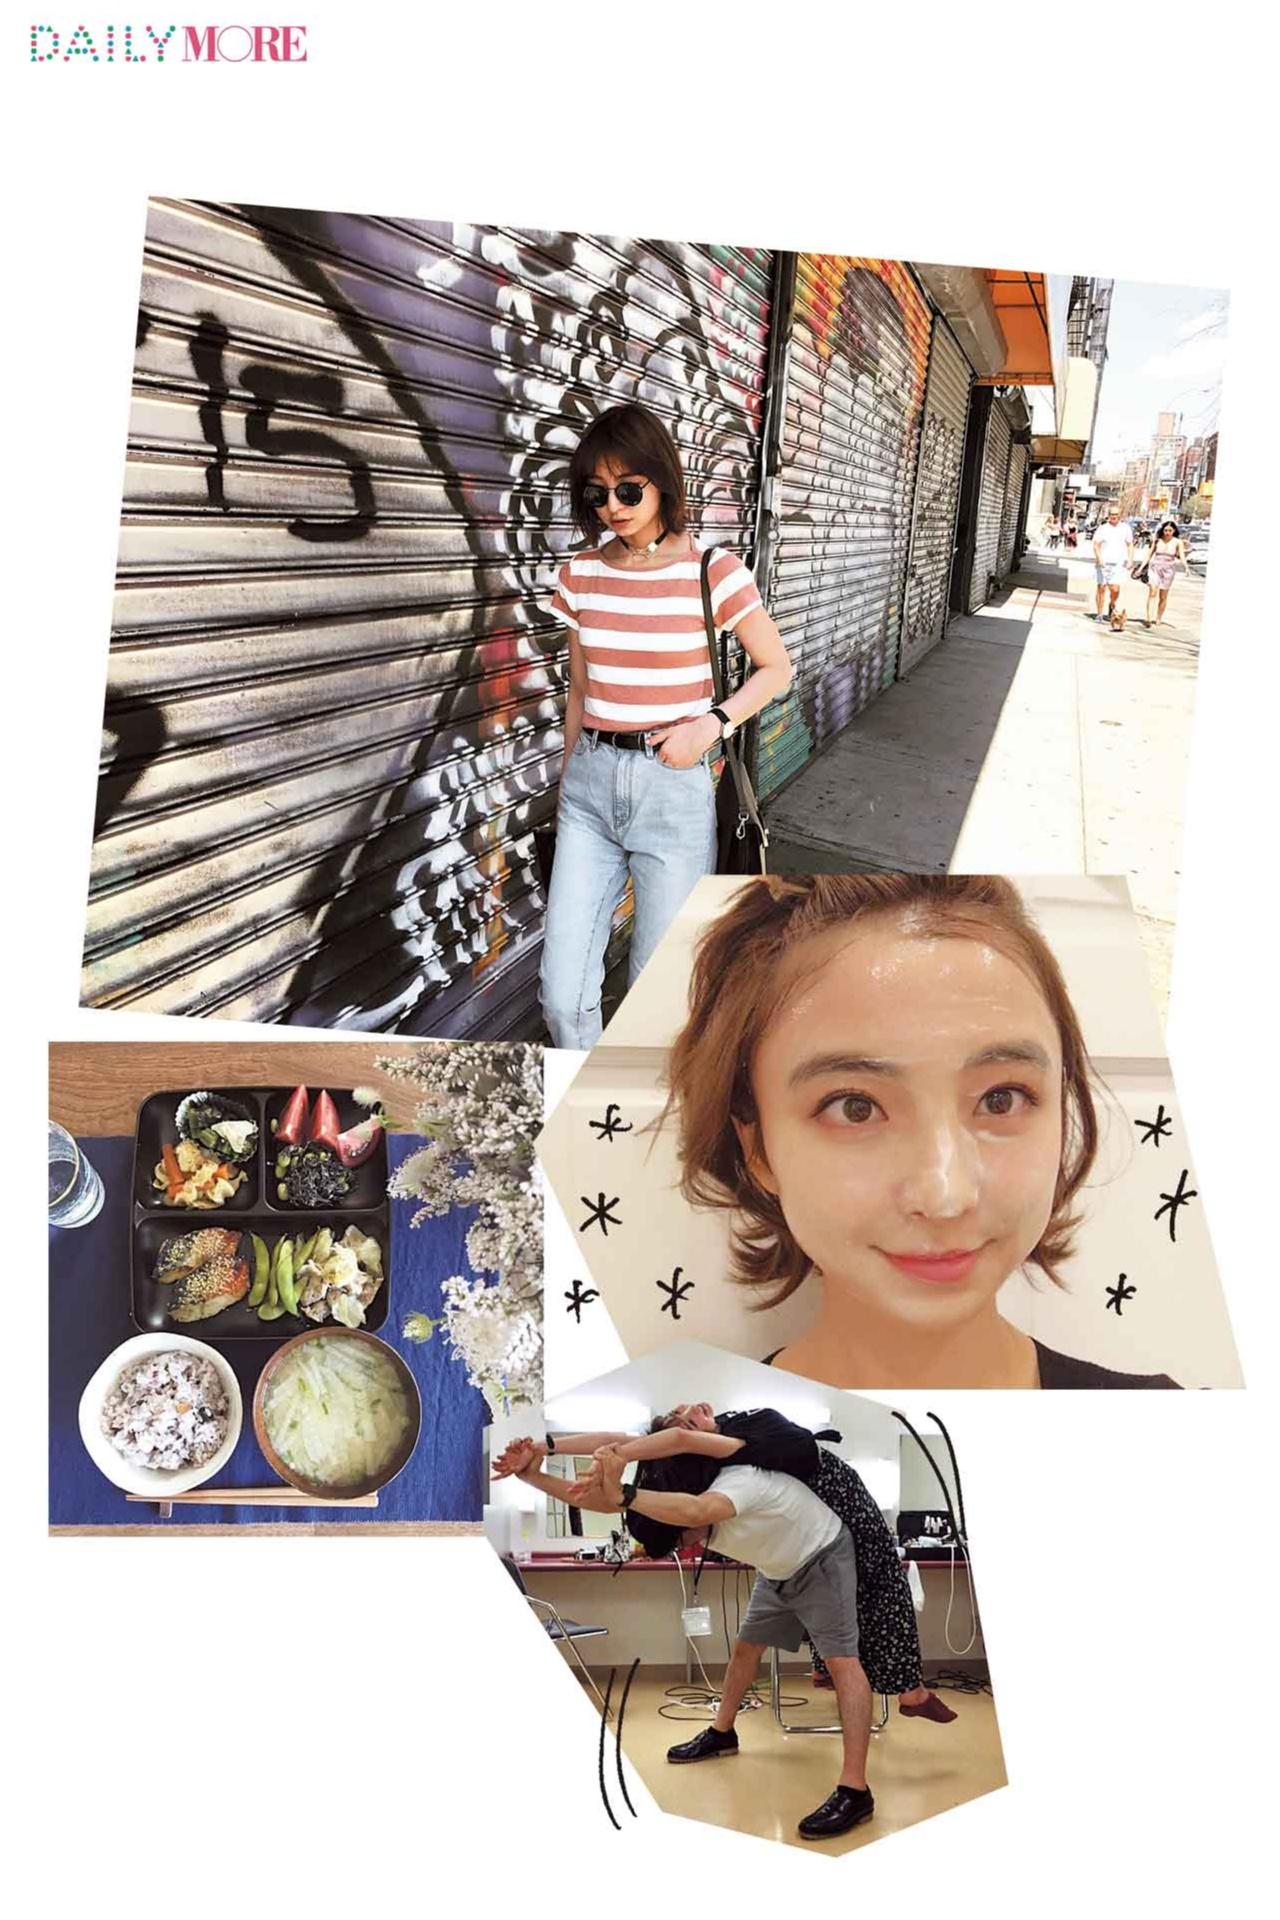 【モアモデルの夏の過ごし方】麻里子は、体の管理を入念に。すきま時間も有効活用していま~す♪_1